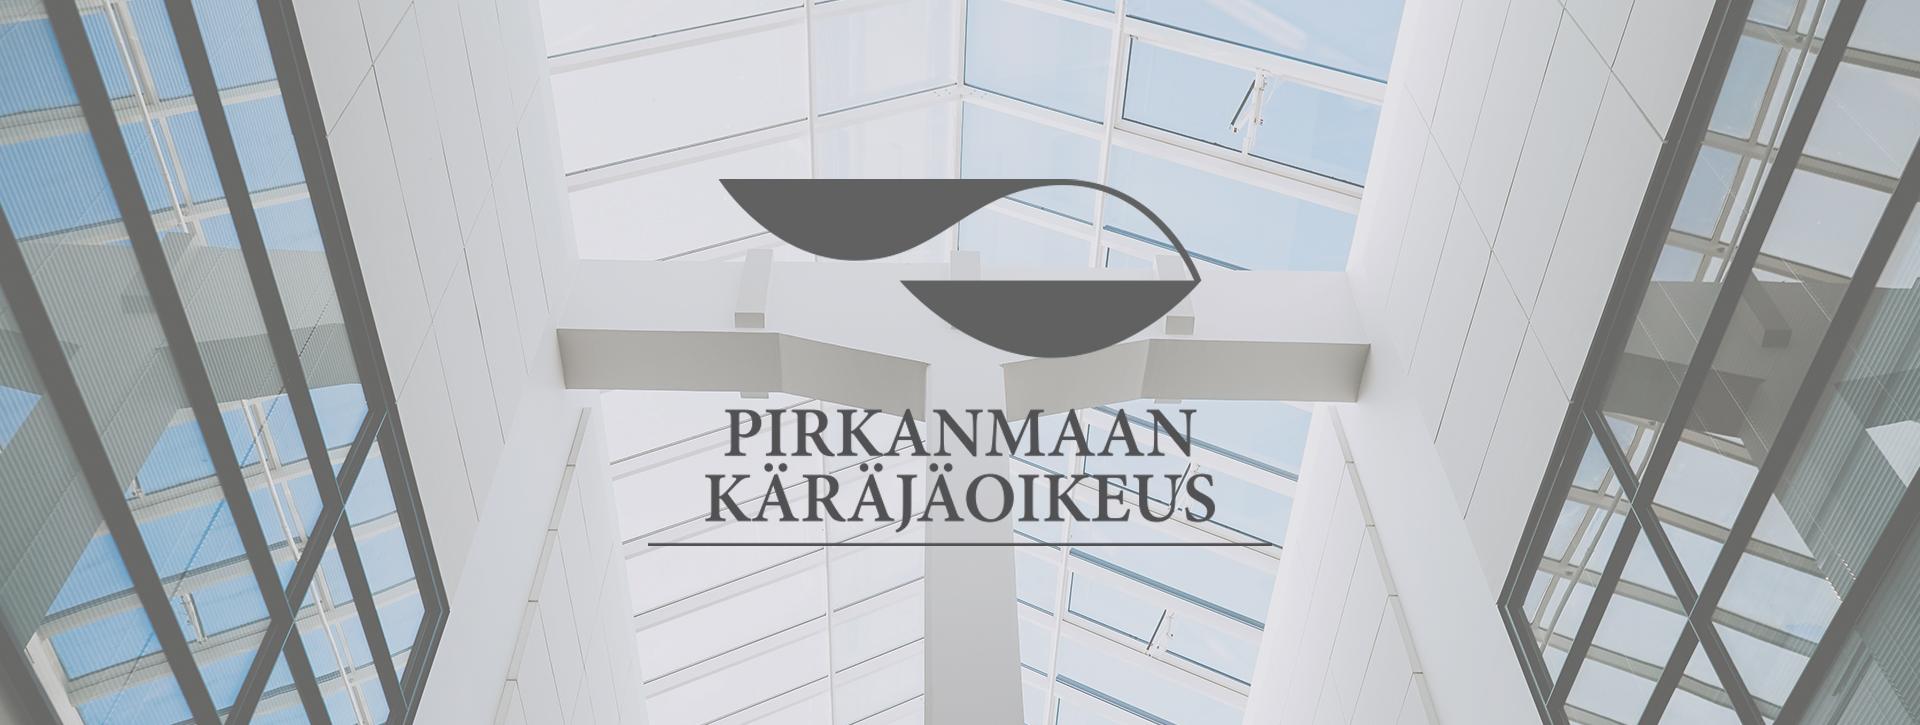 Mainostoimisto Uhman referenssi: Pirkanmaan Käräjäoikeus. Kuvassa on Pirkanmaan Käräjäoikeuden logo sekä kuvaa rakennuksen sisätiloista.